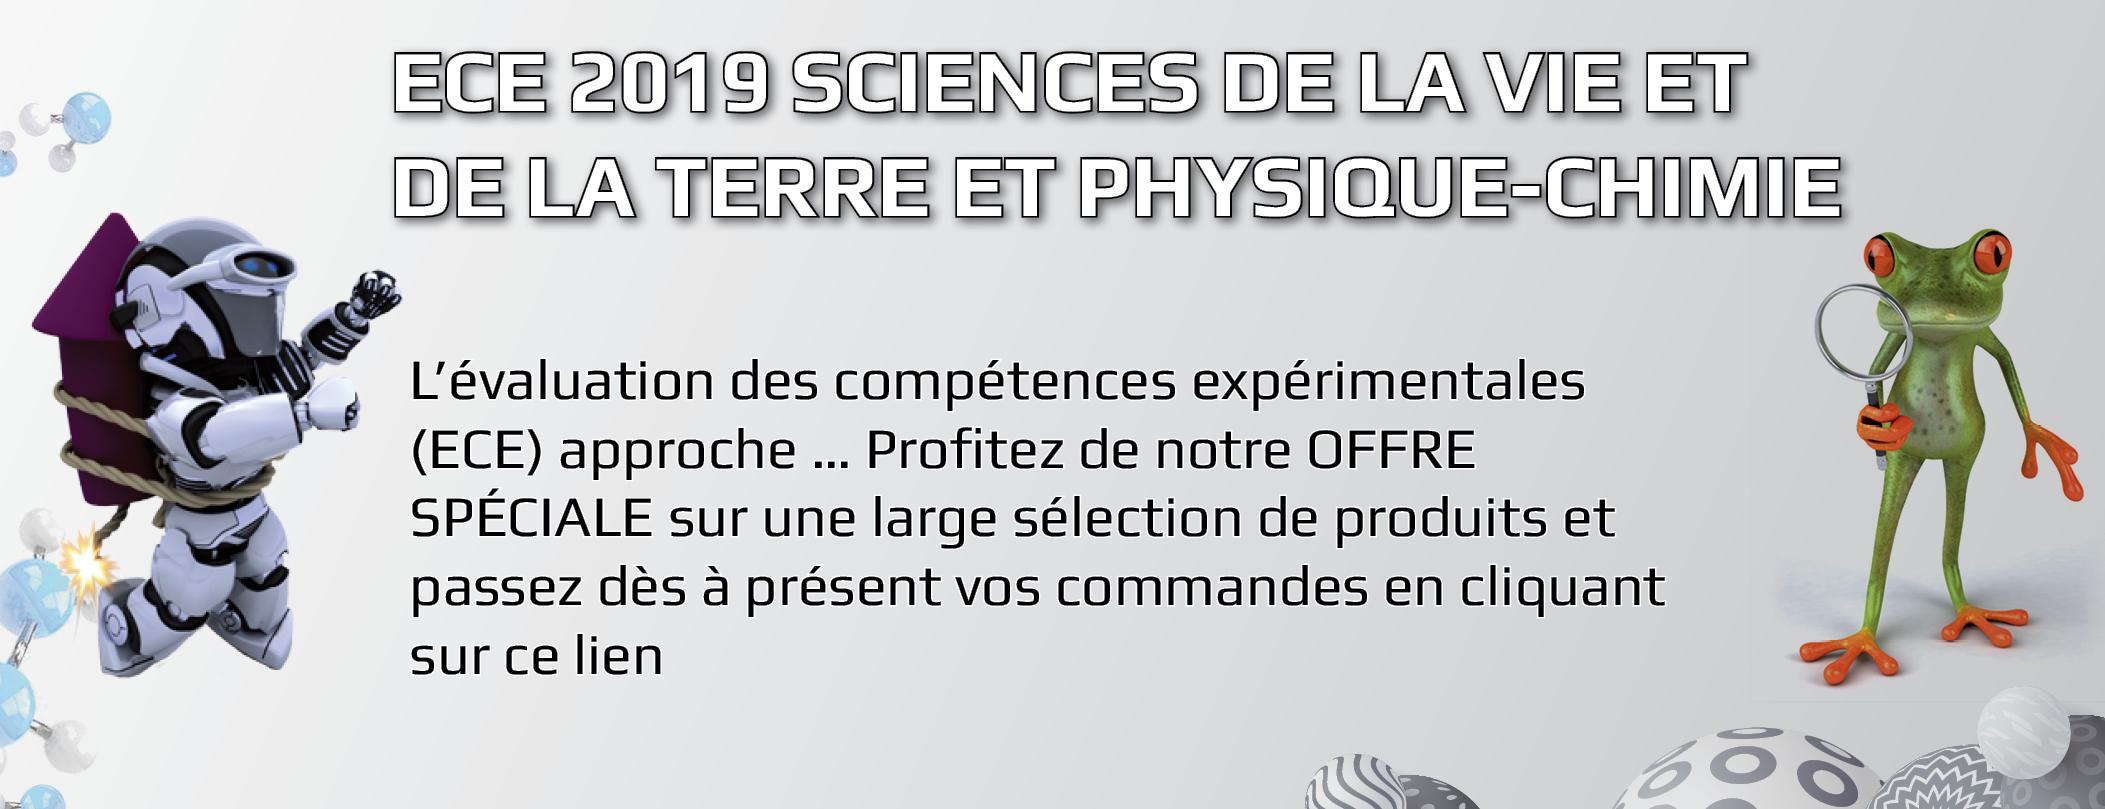 ECE 2019 Sciences de la Vie et de la Terre et Physique-Chimie